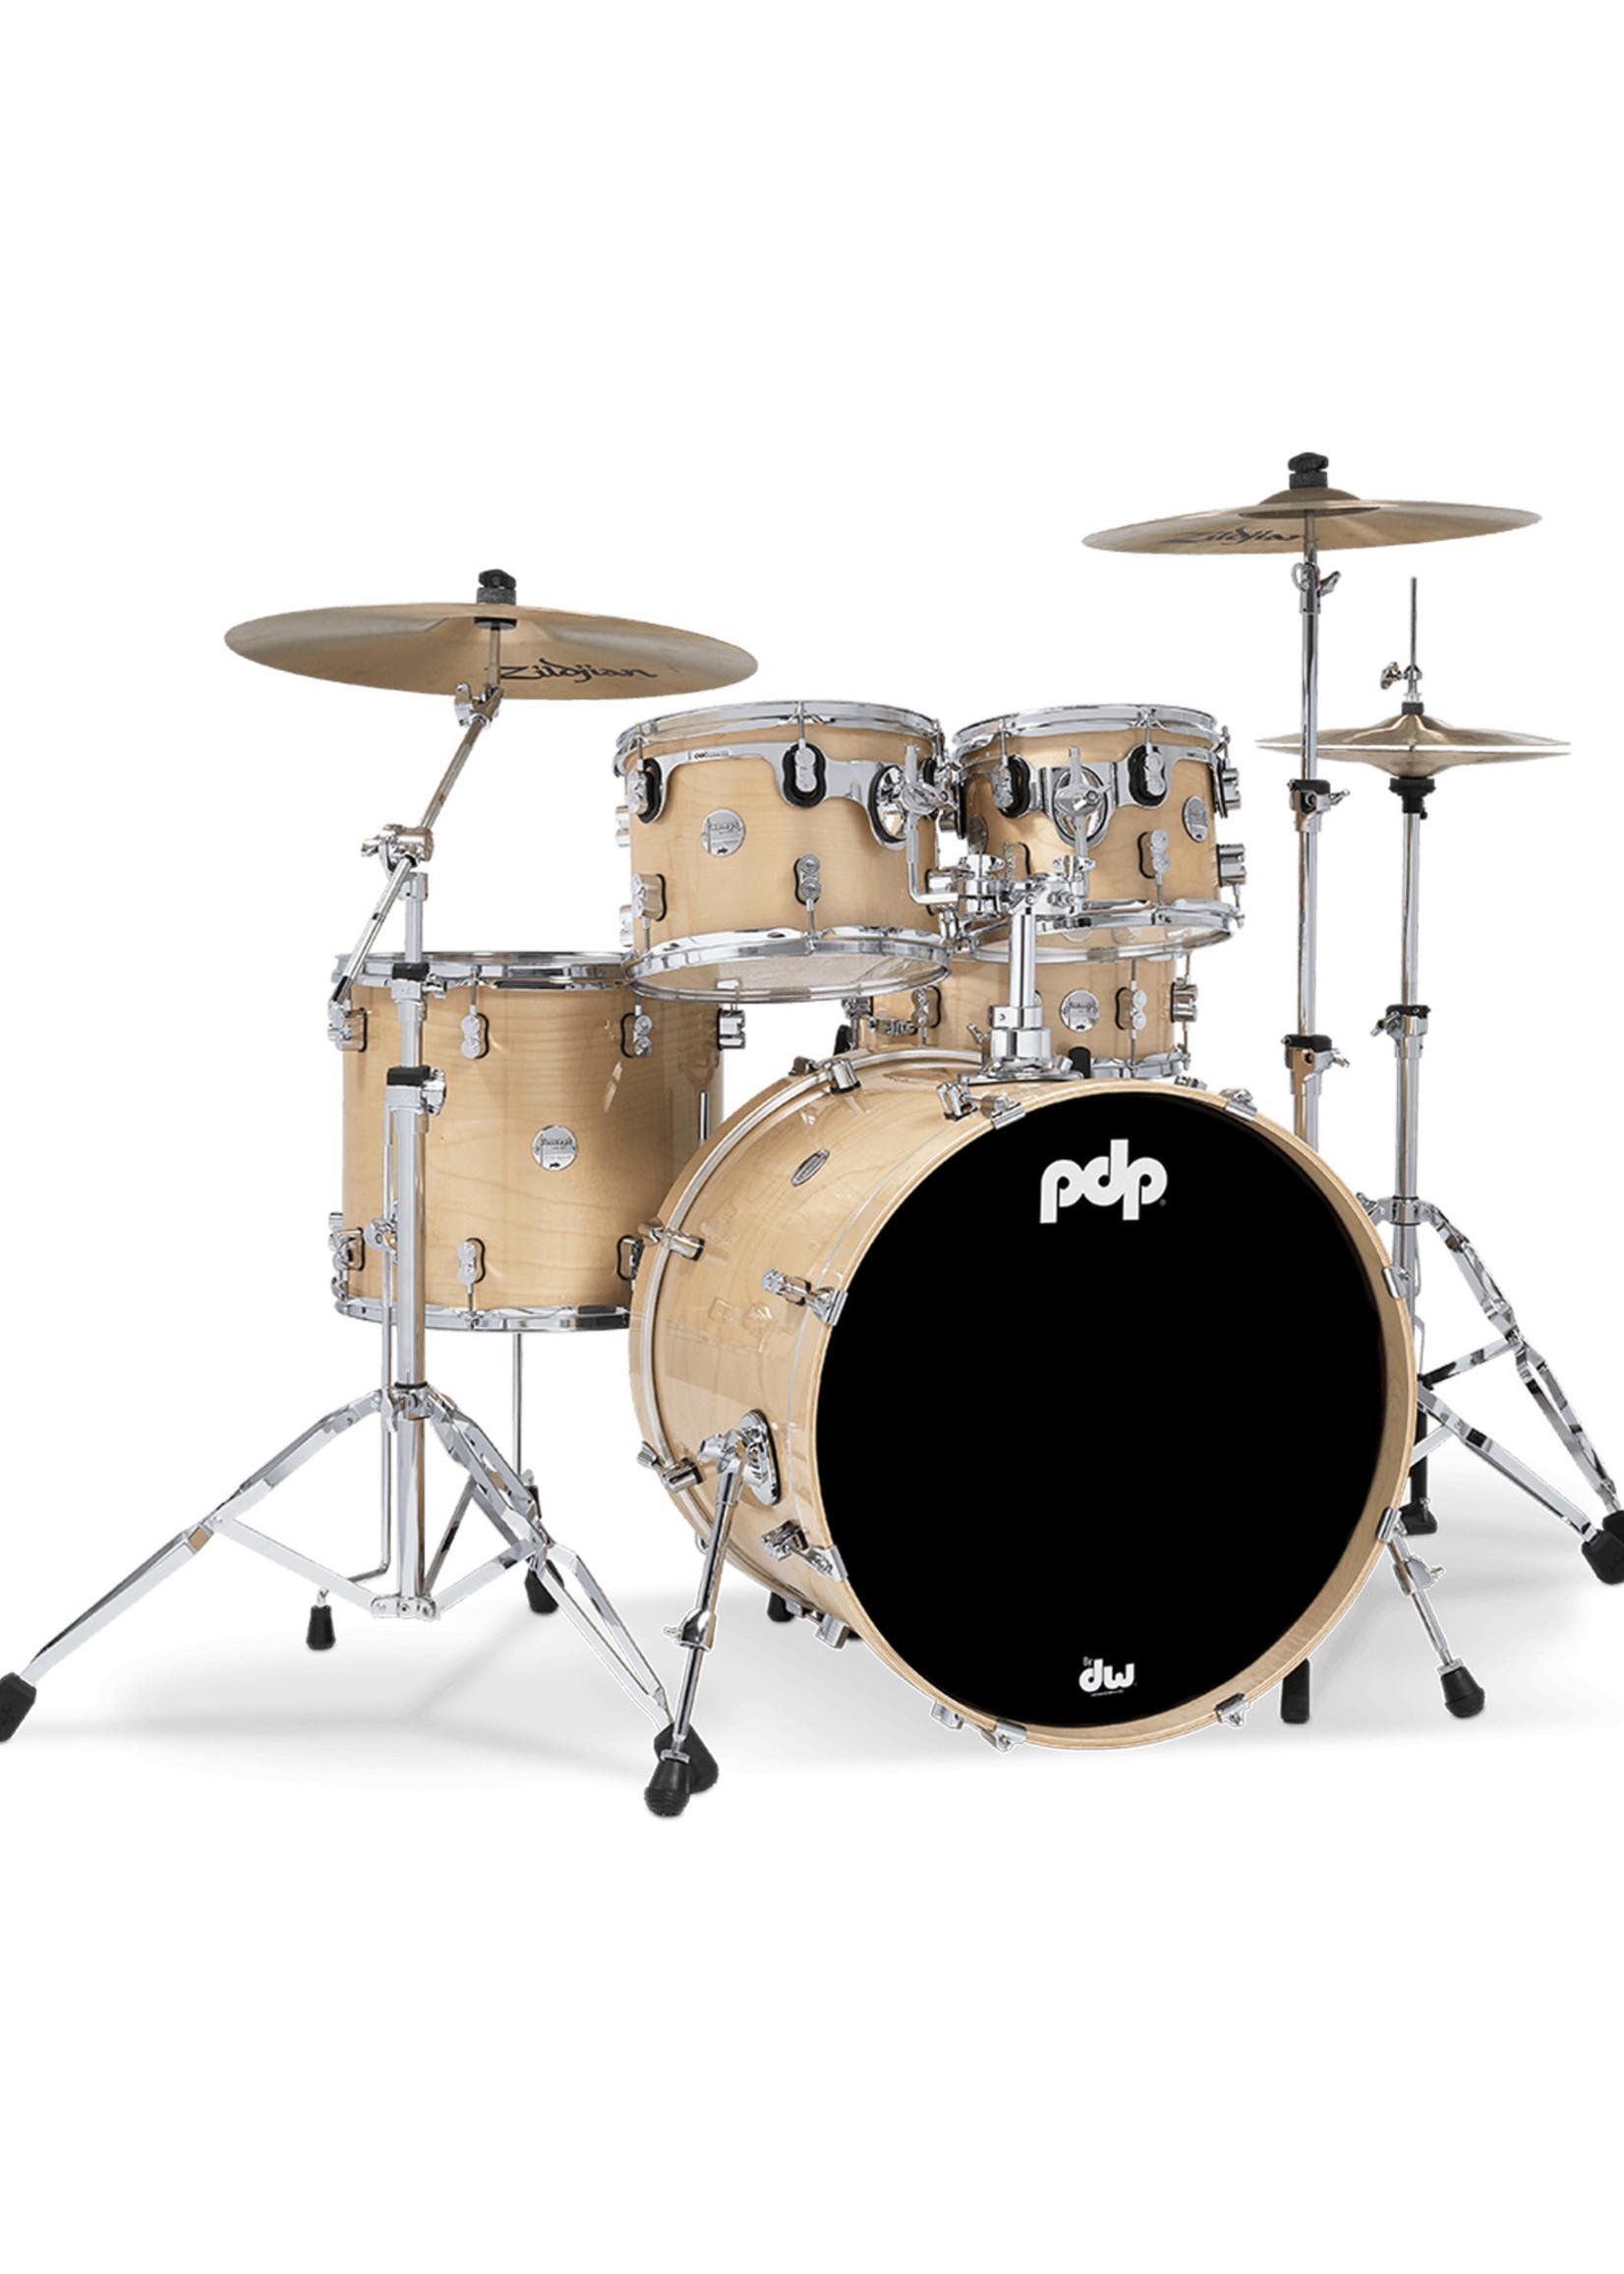 DW PDP Concept Maple 5 Piece Drumset Natural